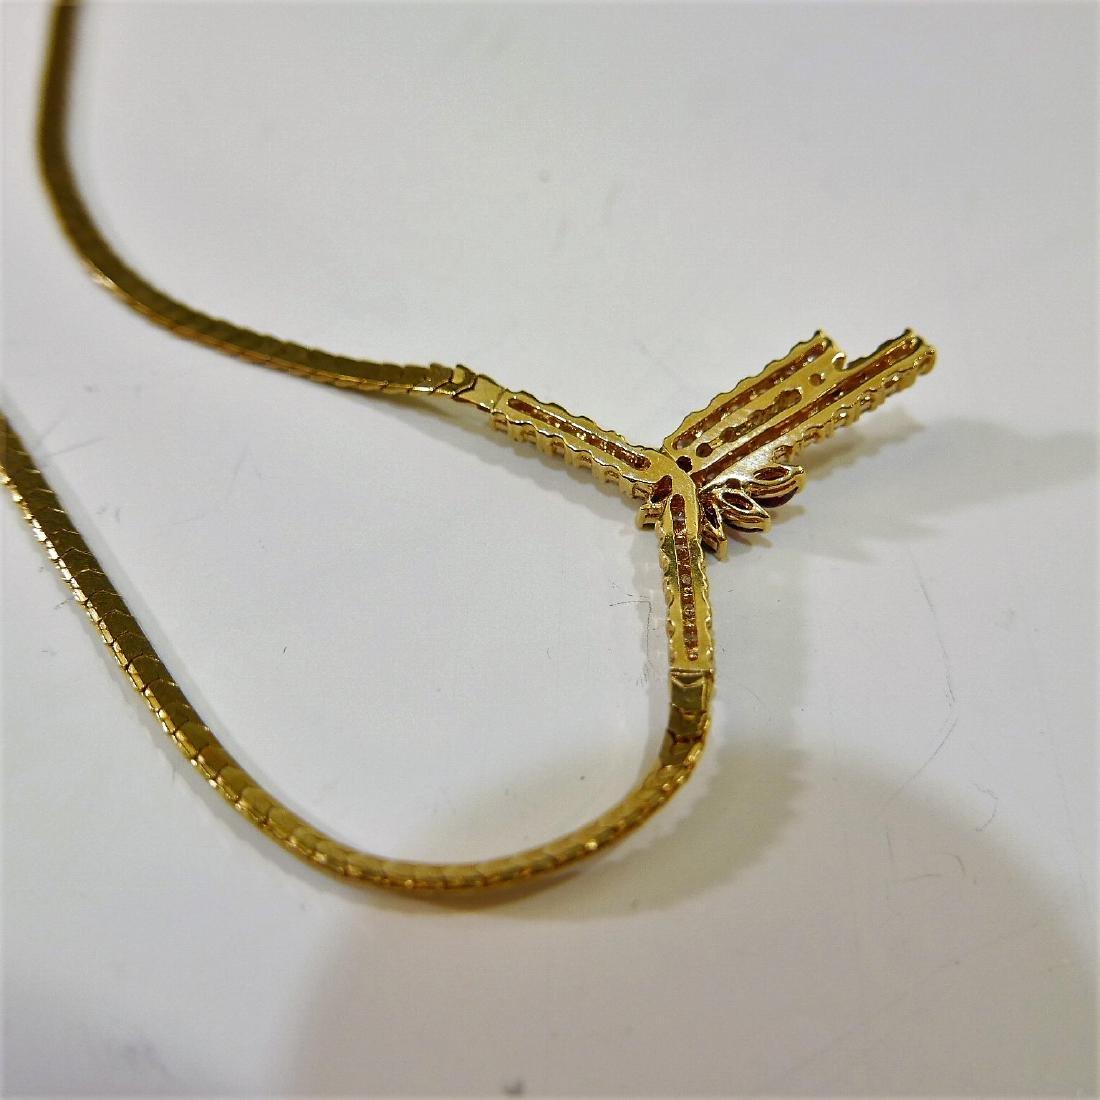 14K GOLD DIAMOND NECKLACE 15G - 4